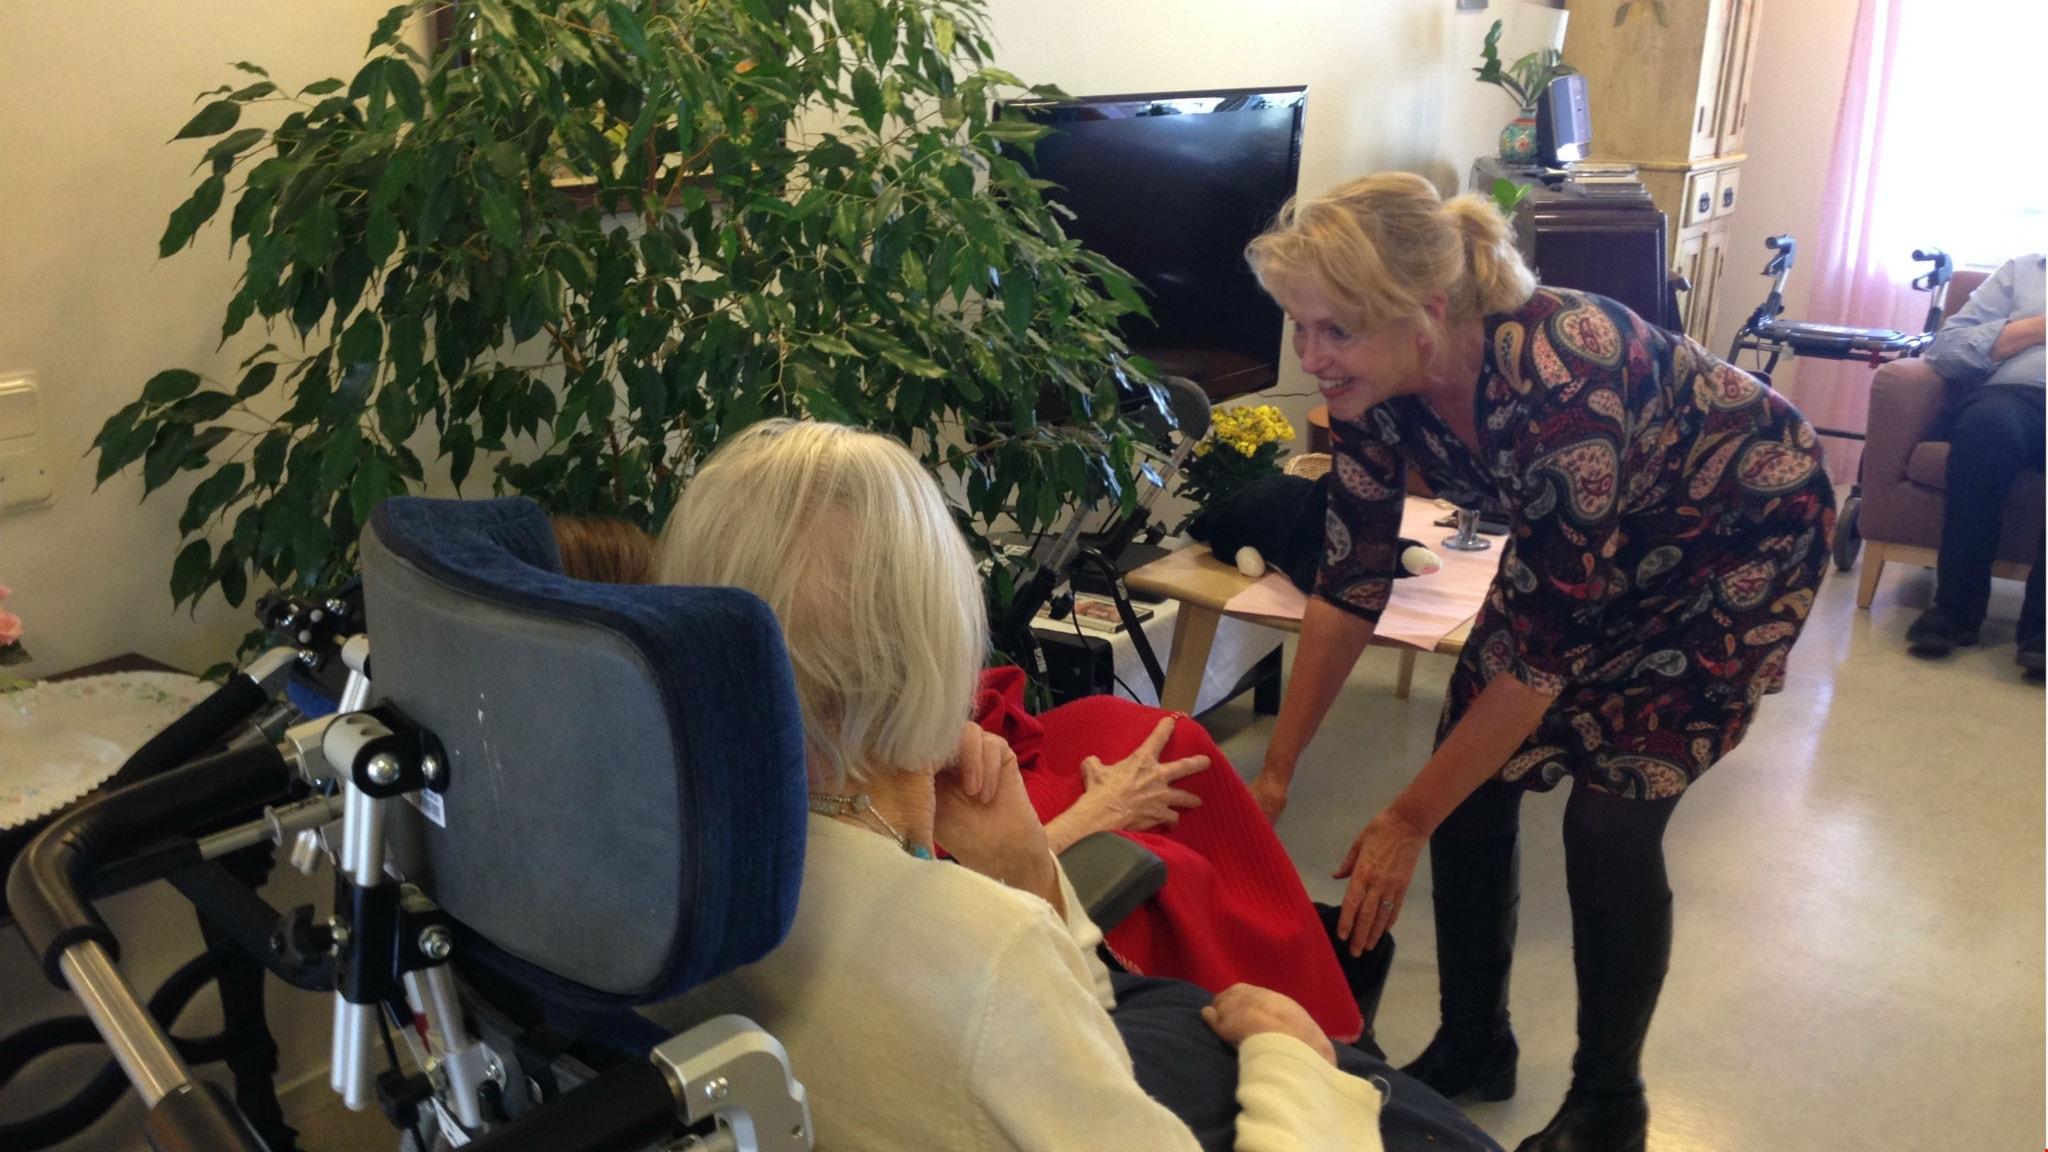 Sången öppnar kontakten med demenssjuka. Här med musikterapeuten Lis Jacobsson i Sundbyberg.